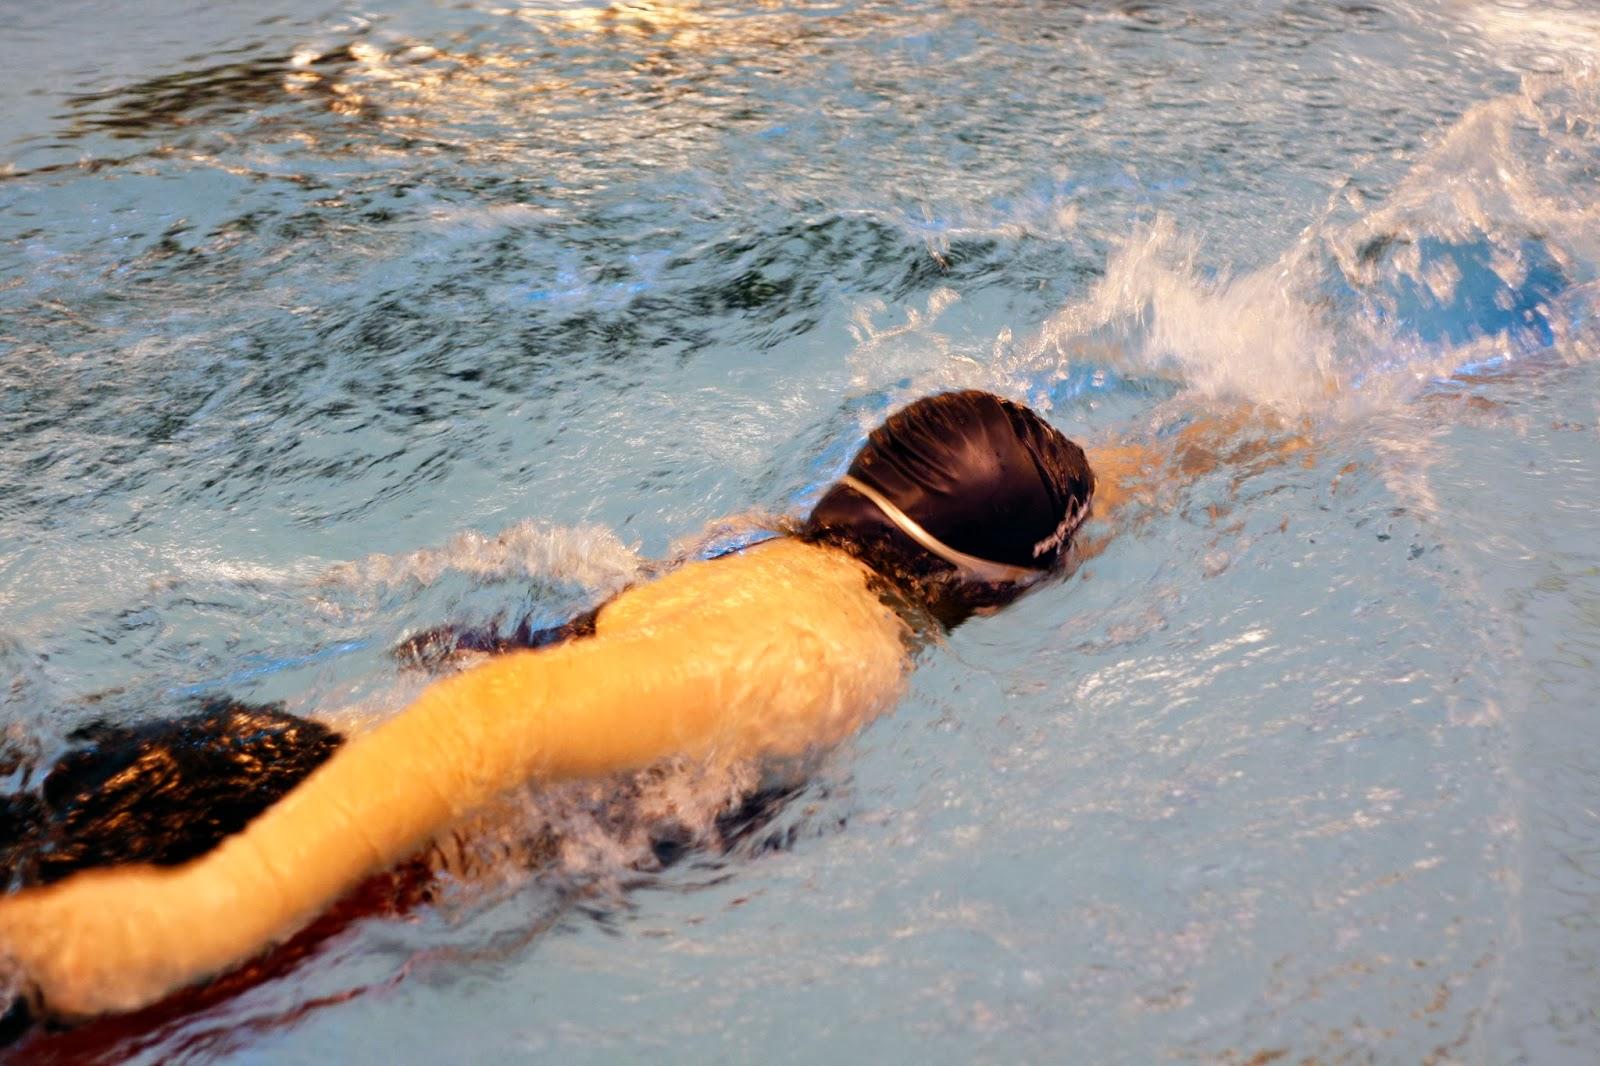 Kalorienverbrauch Schwimmen Brust : jogging queen 7t 7s freitag schwimmen ~ Cokemachineaccidents.com Haus und Dekorationen